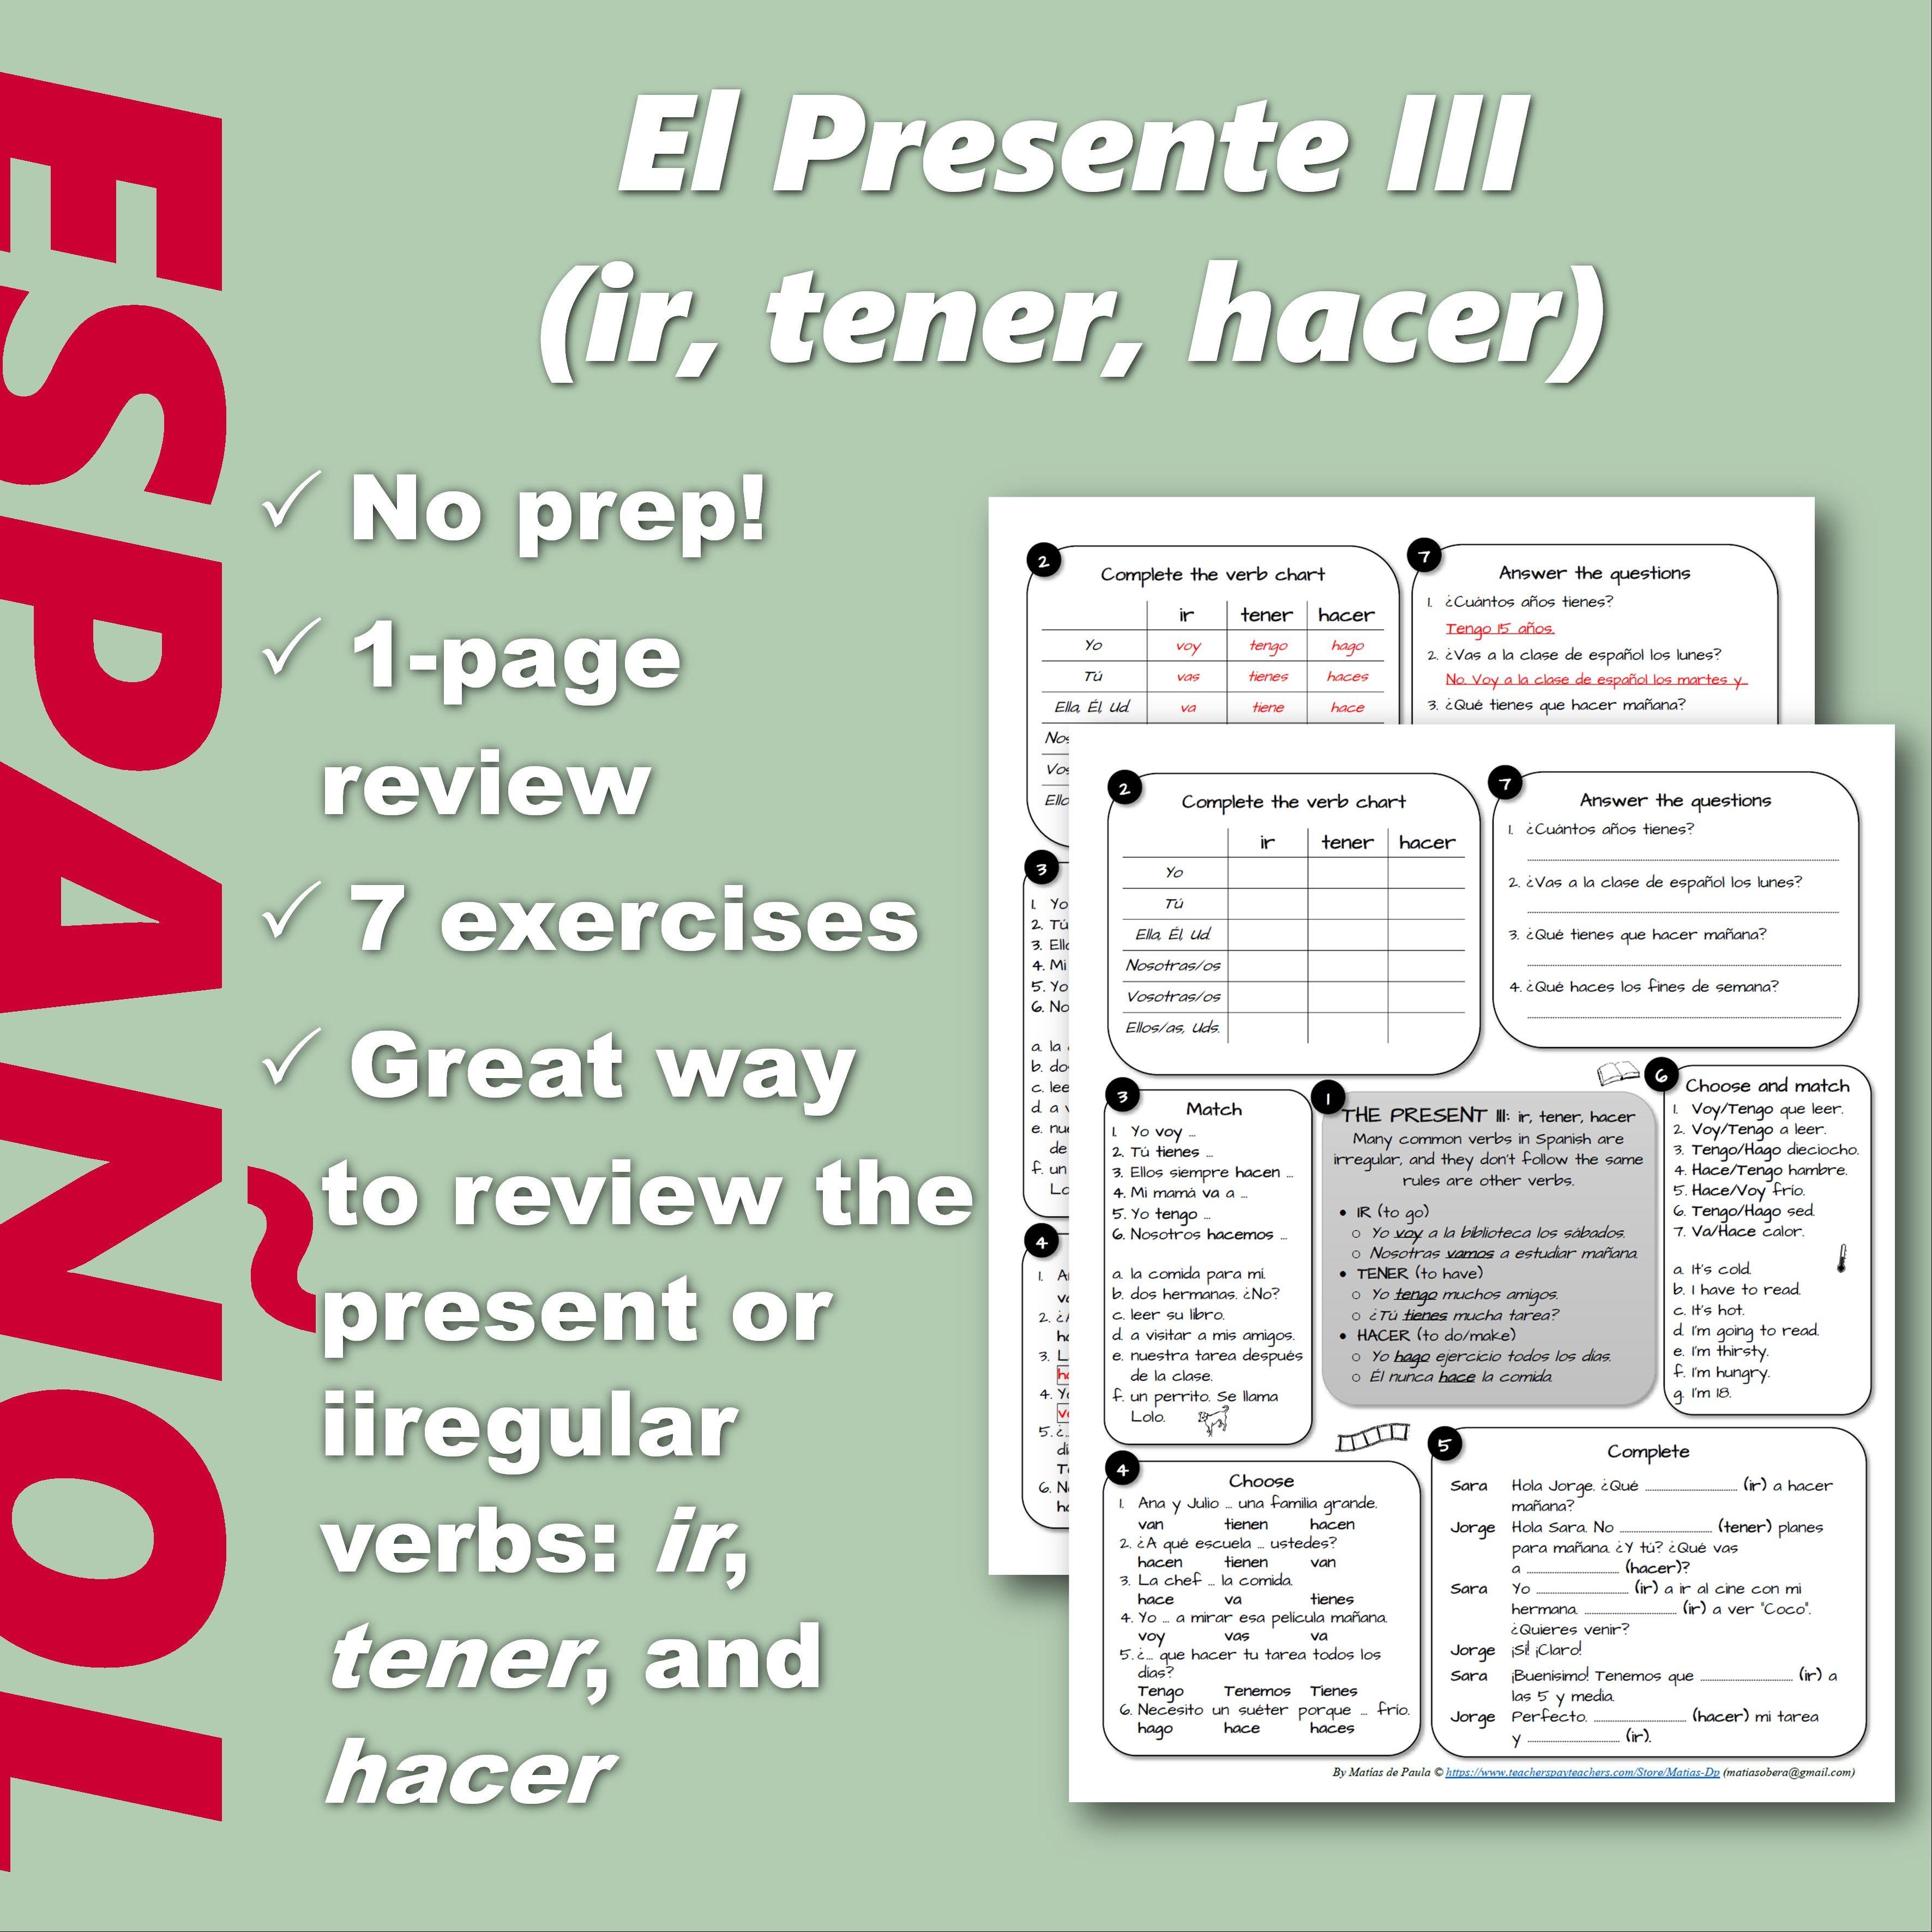 Espanol No Prep 1 Page Review Present Of Irregular Verbs